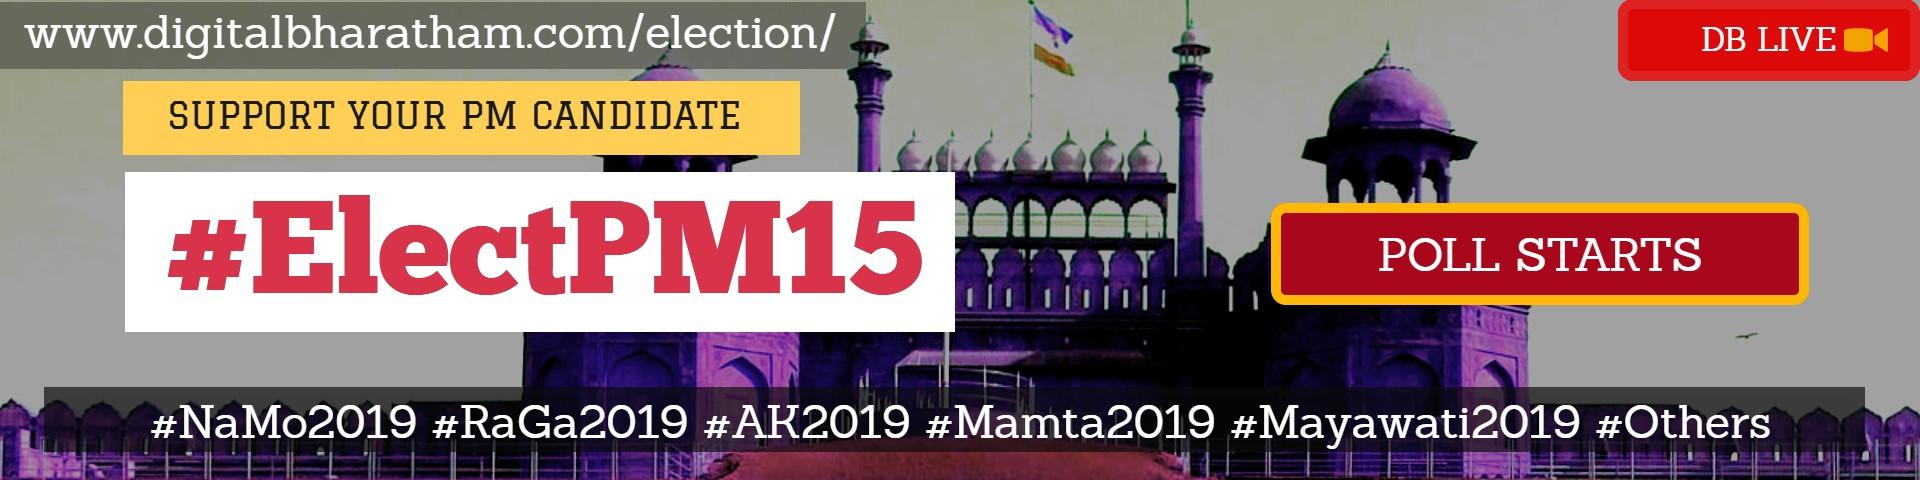 ElectPM15 Campaign